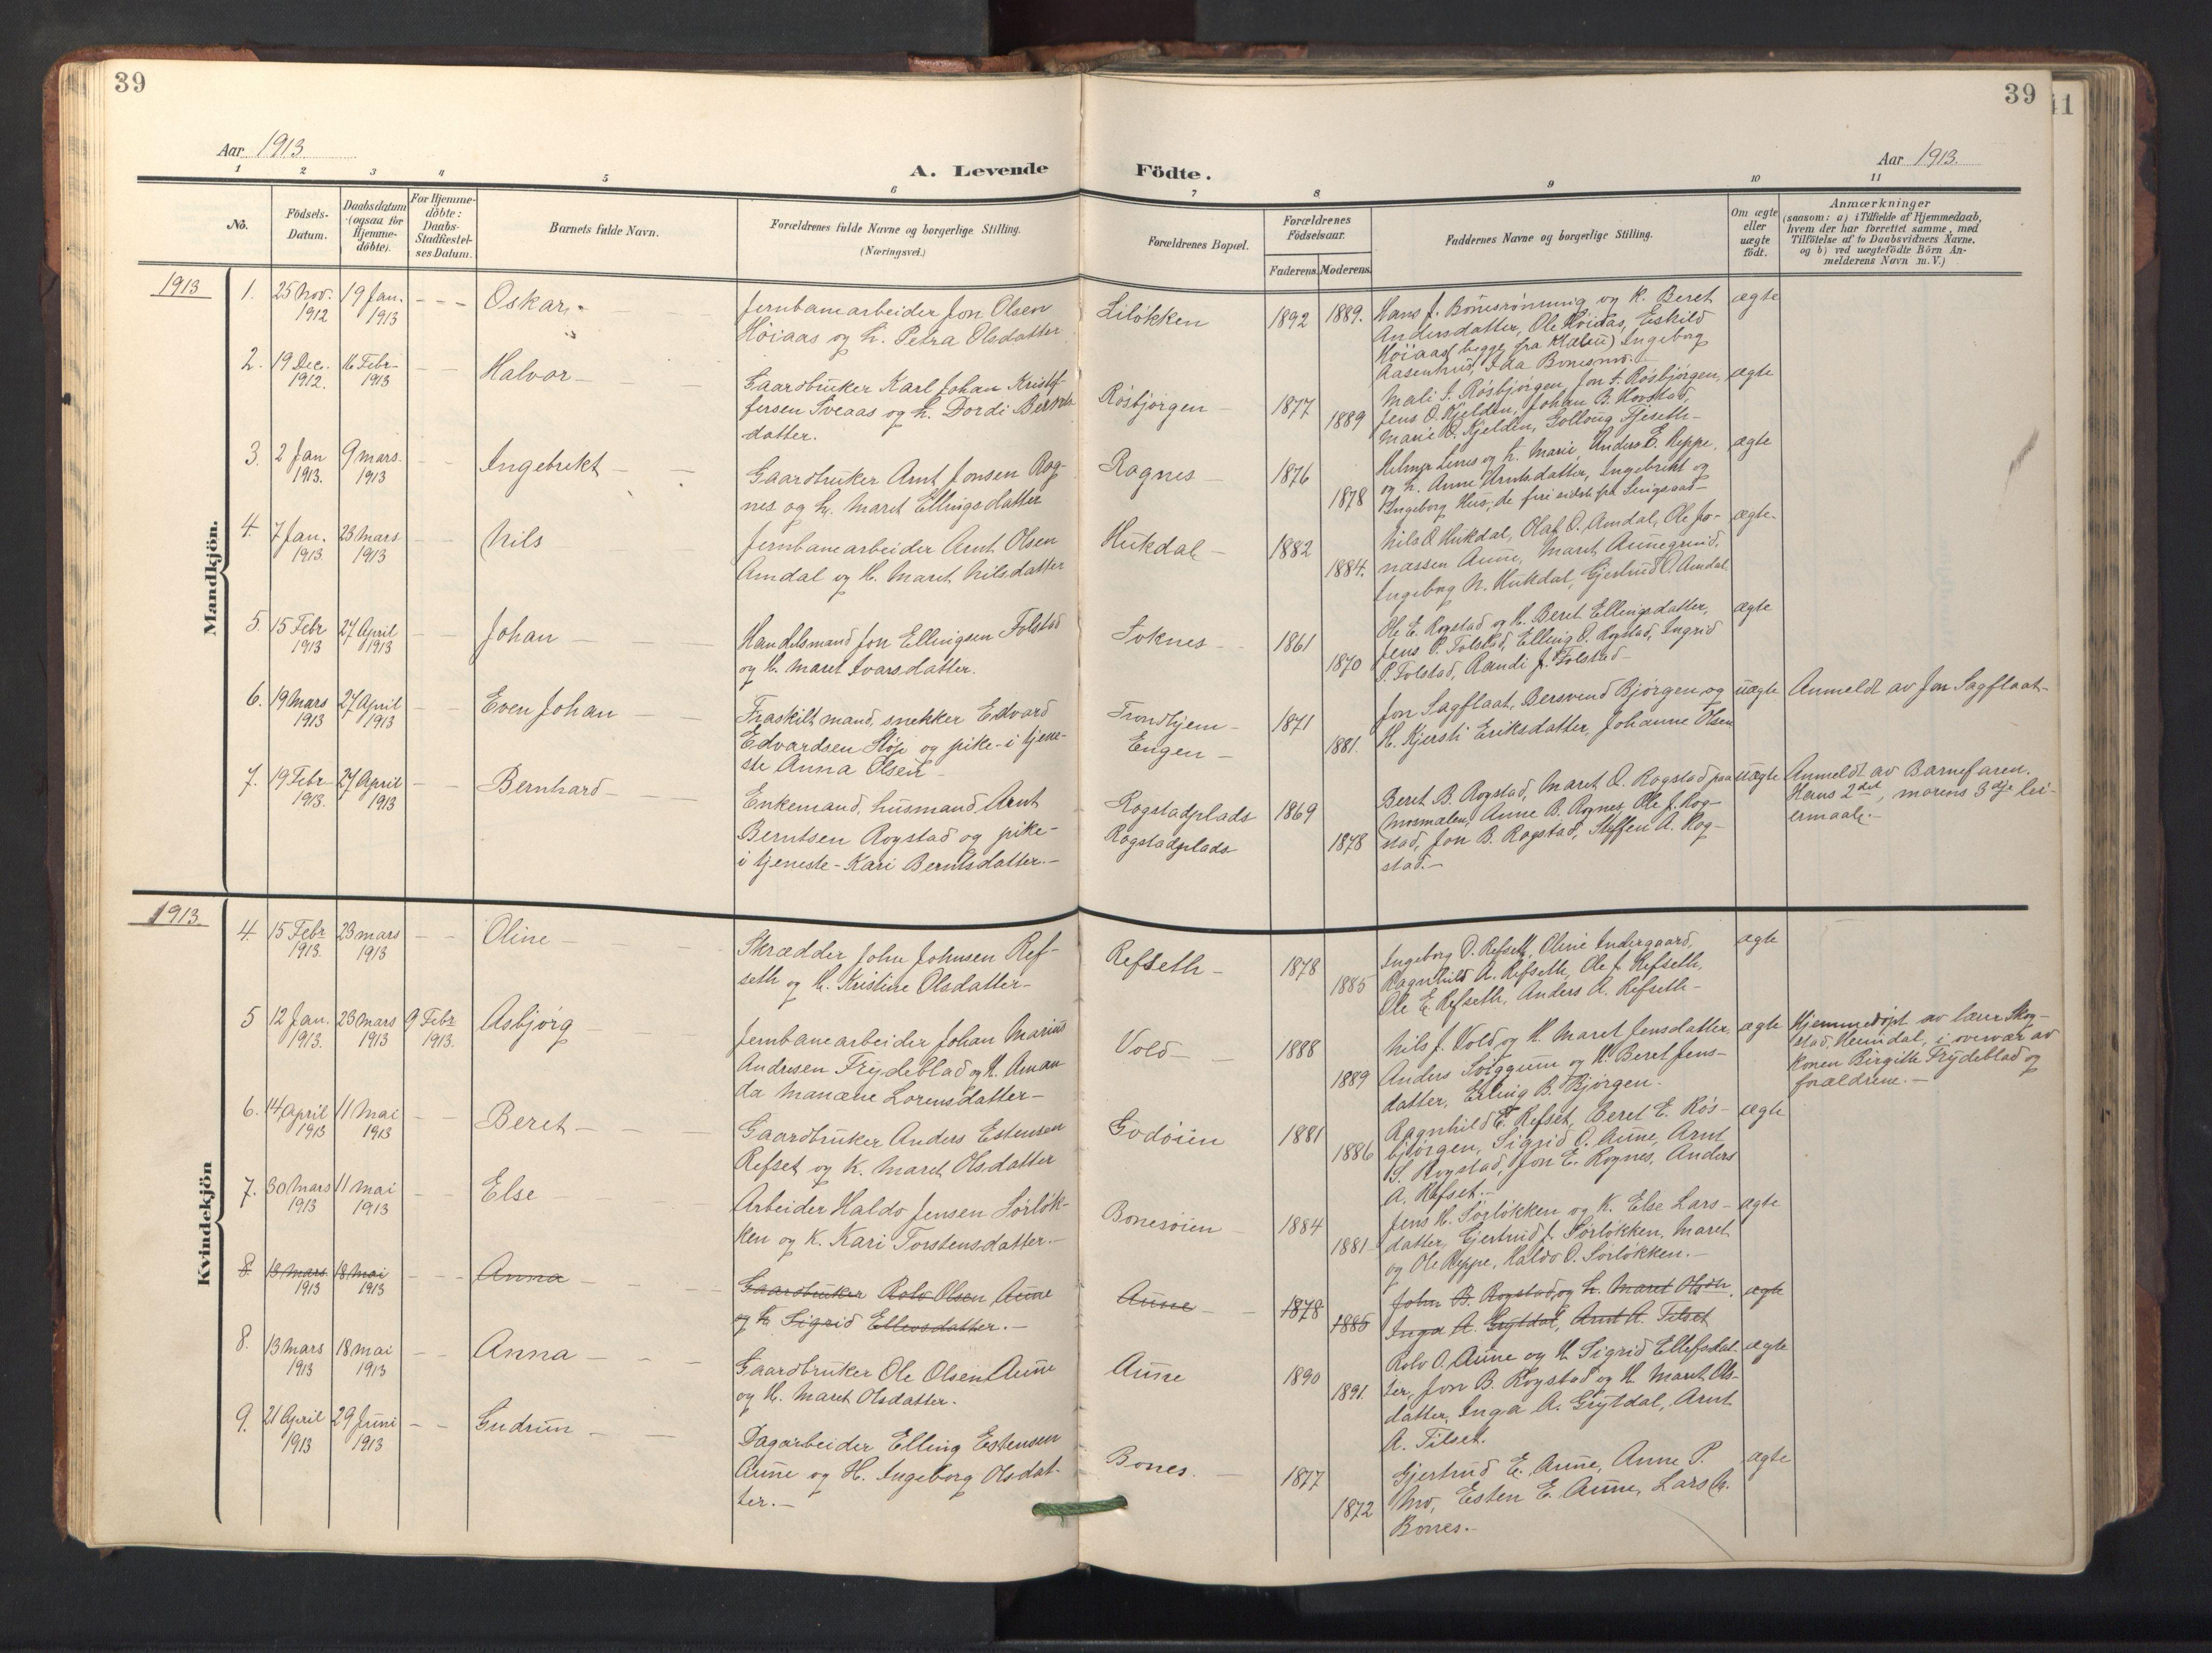 SAT, Ministerialprotokoller, klokkerbøker og fødselsregistre - Sør-Trøndelag, 687/L1019: Klokkerbok nr. 687C03, 1904-1931, s. 39